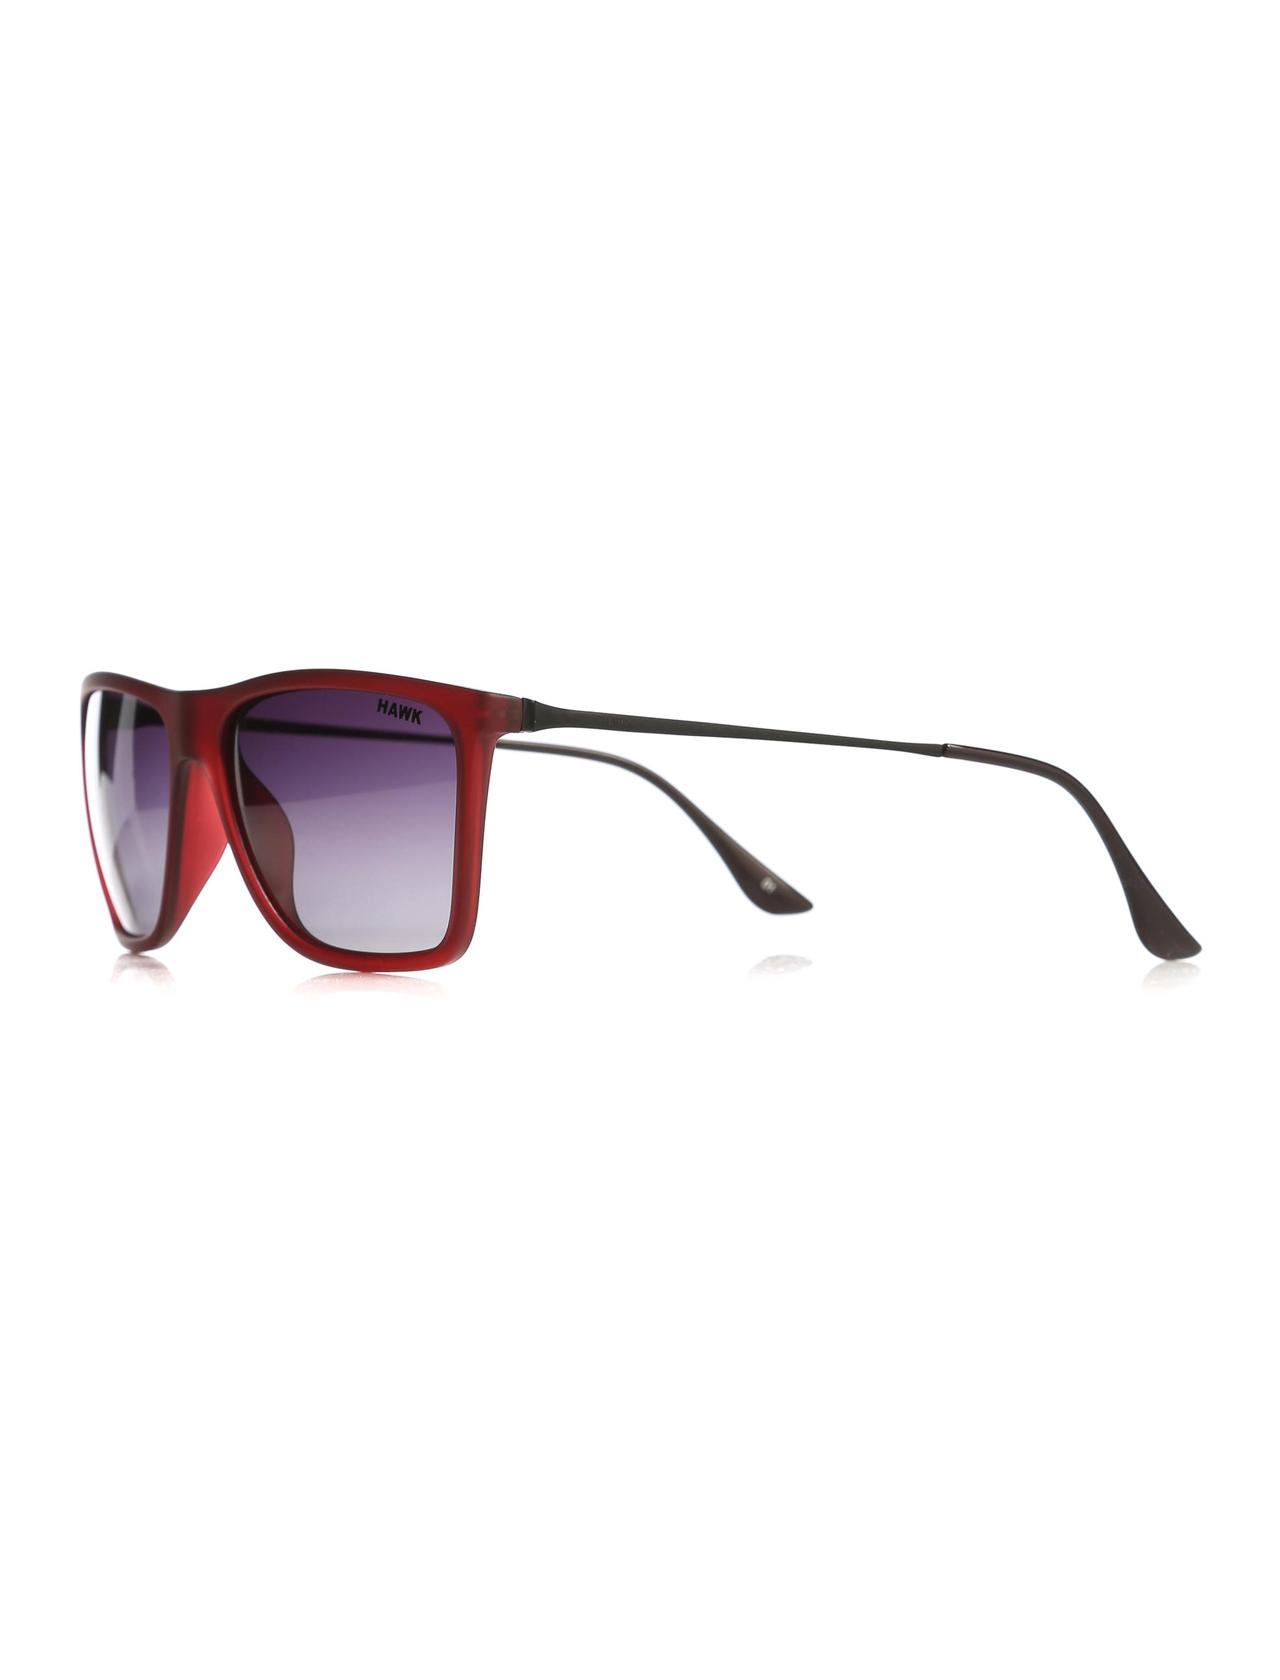 Unisex Red Frame Sunglasses